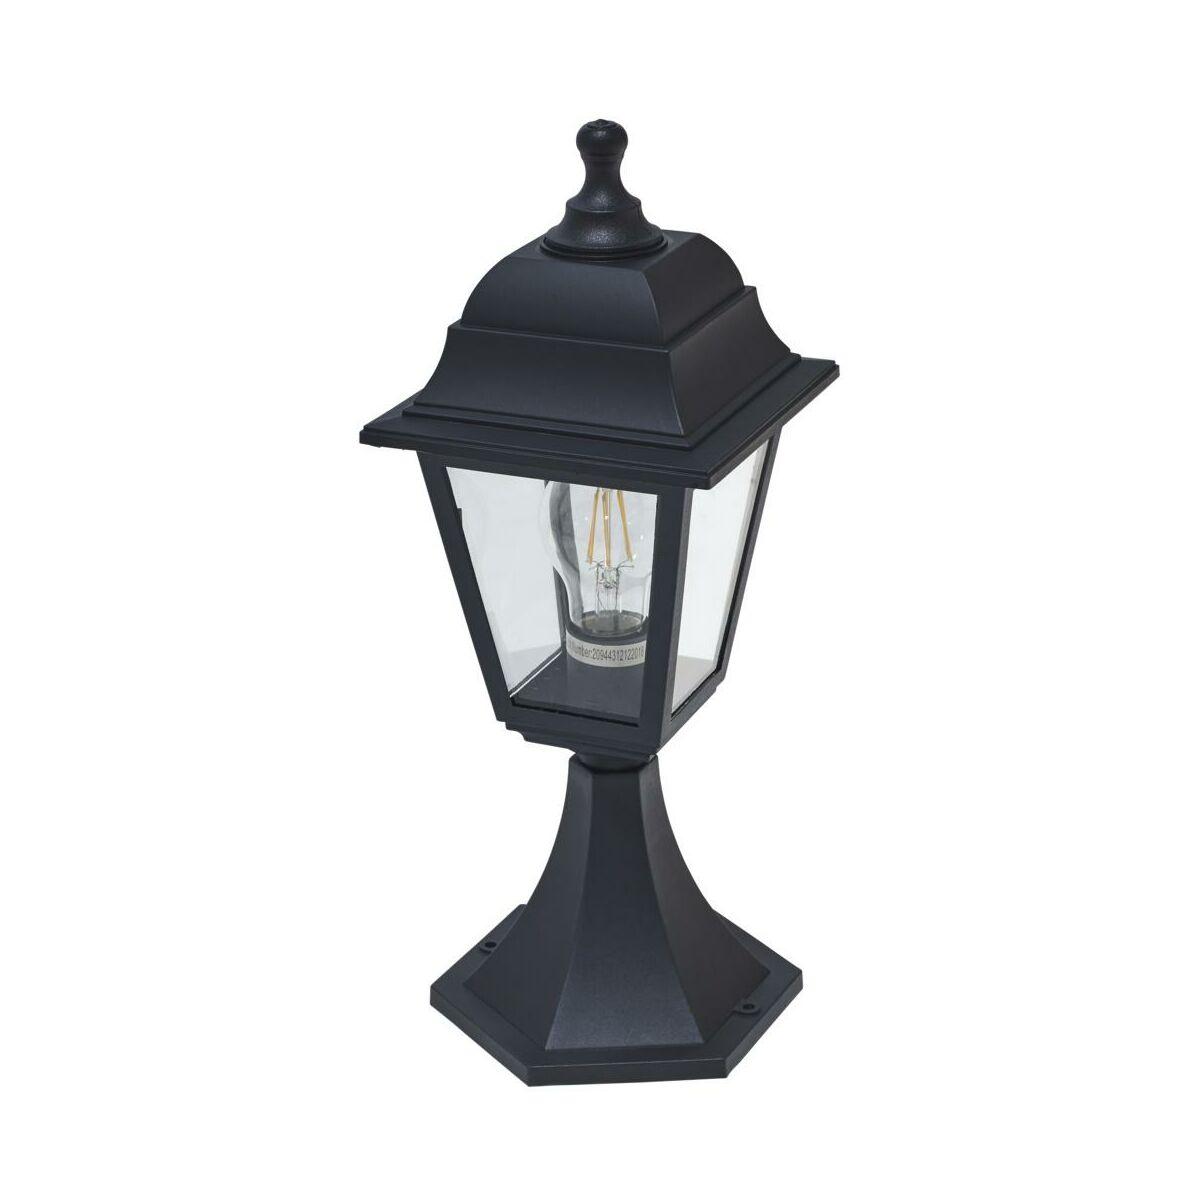 Lampa Ogrodowa Stojaca Sima Ip44 Czarna E27 Inspire Oswietlenie Ogrodowe Napieciowe W Atrakcyjnej Cenie W Sklepach Leroy Merlin